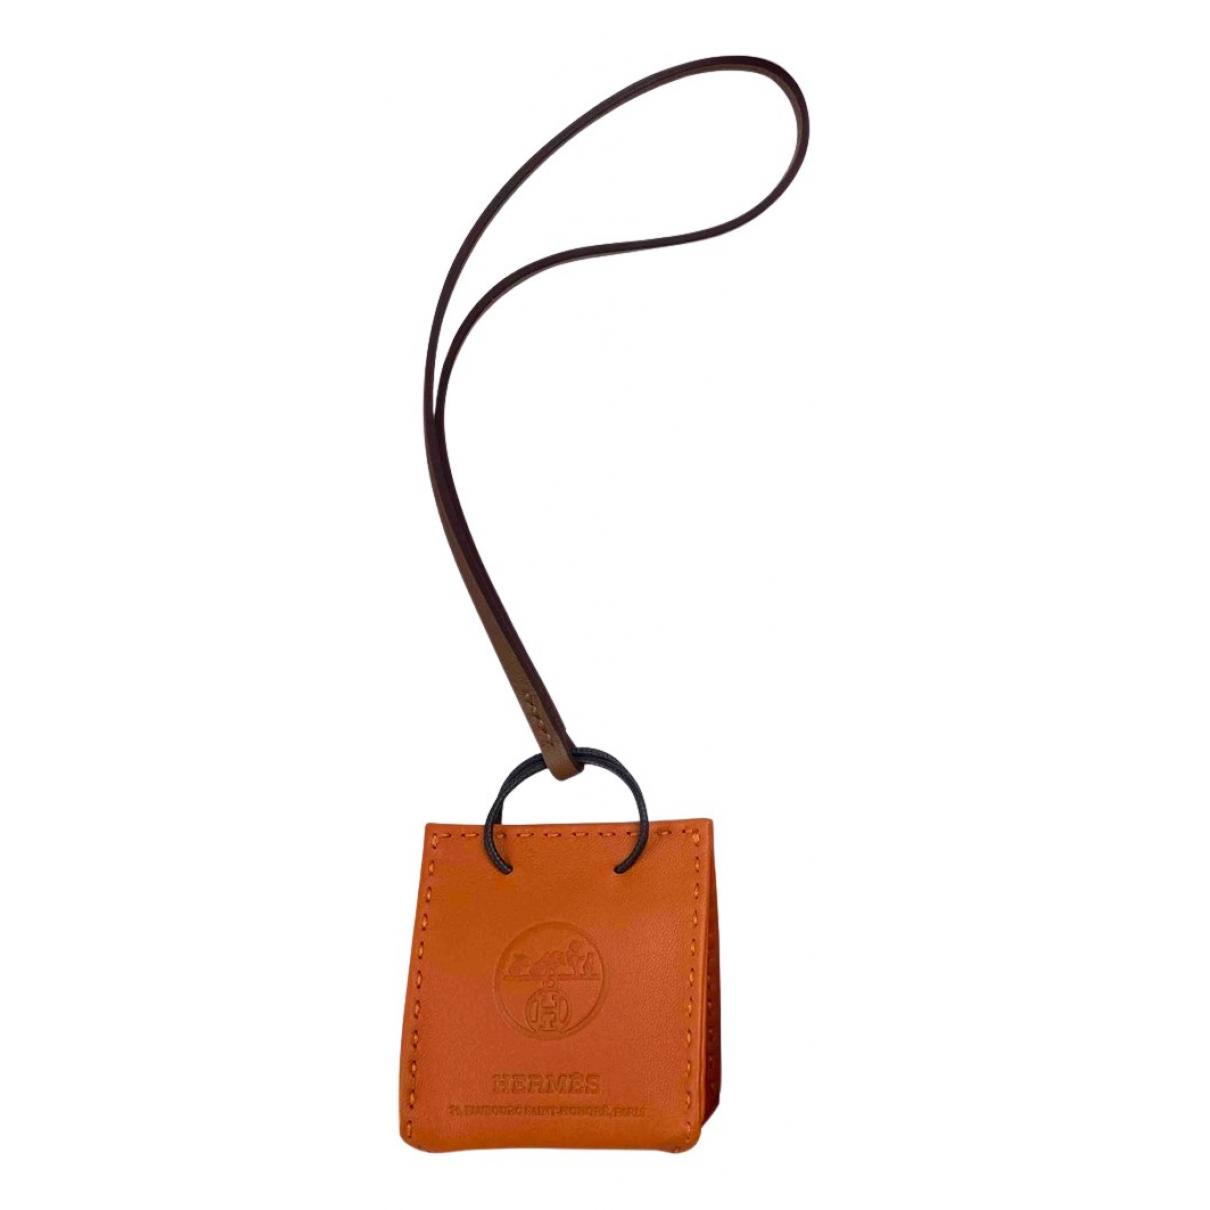 Hermes Shopping bag charm Taschenschmuck in Leder